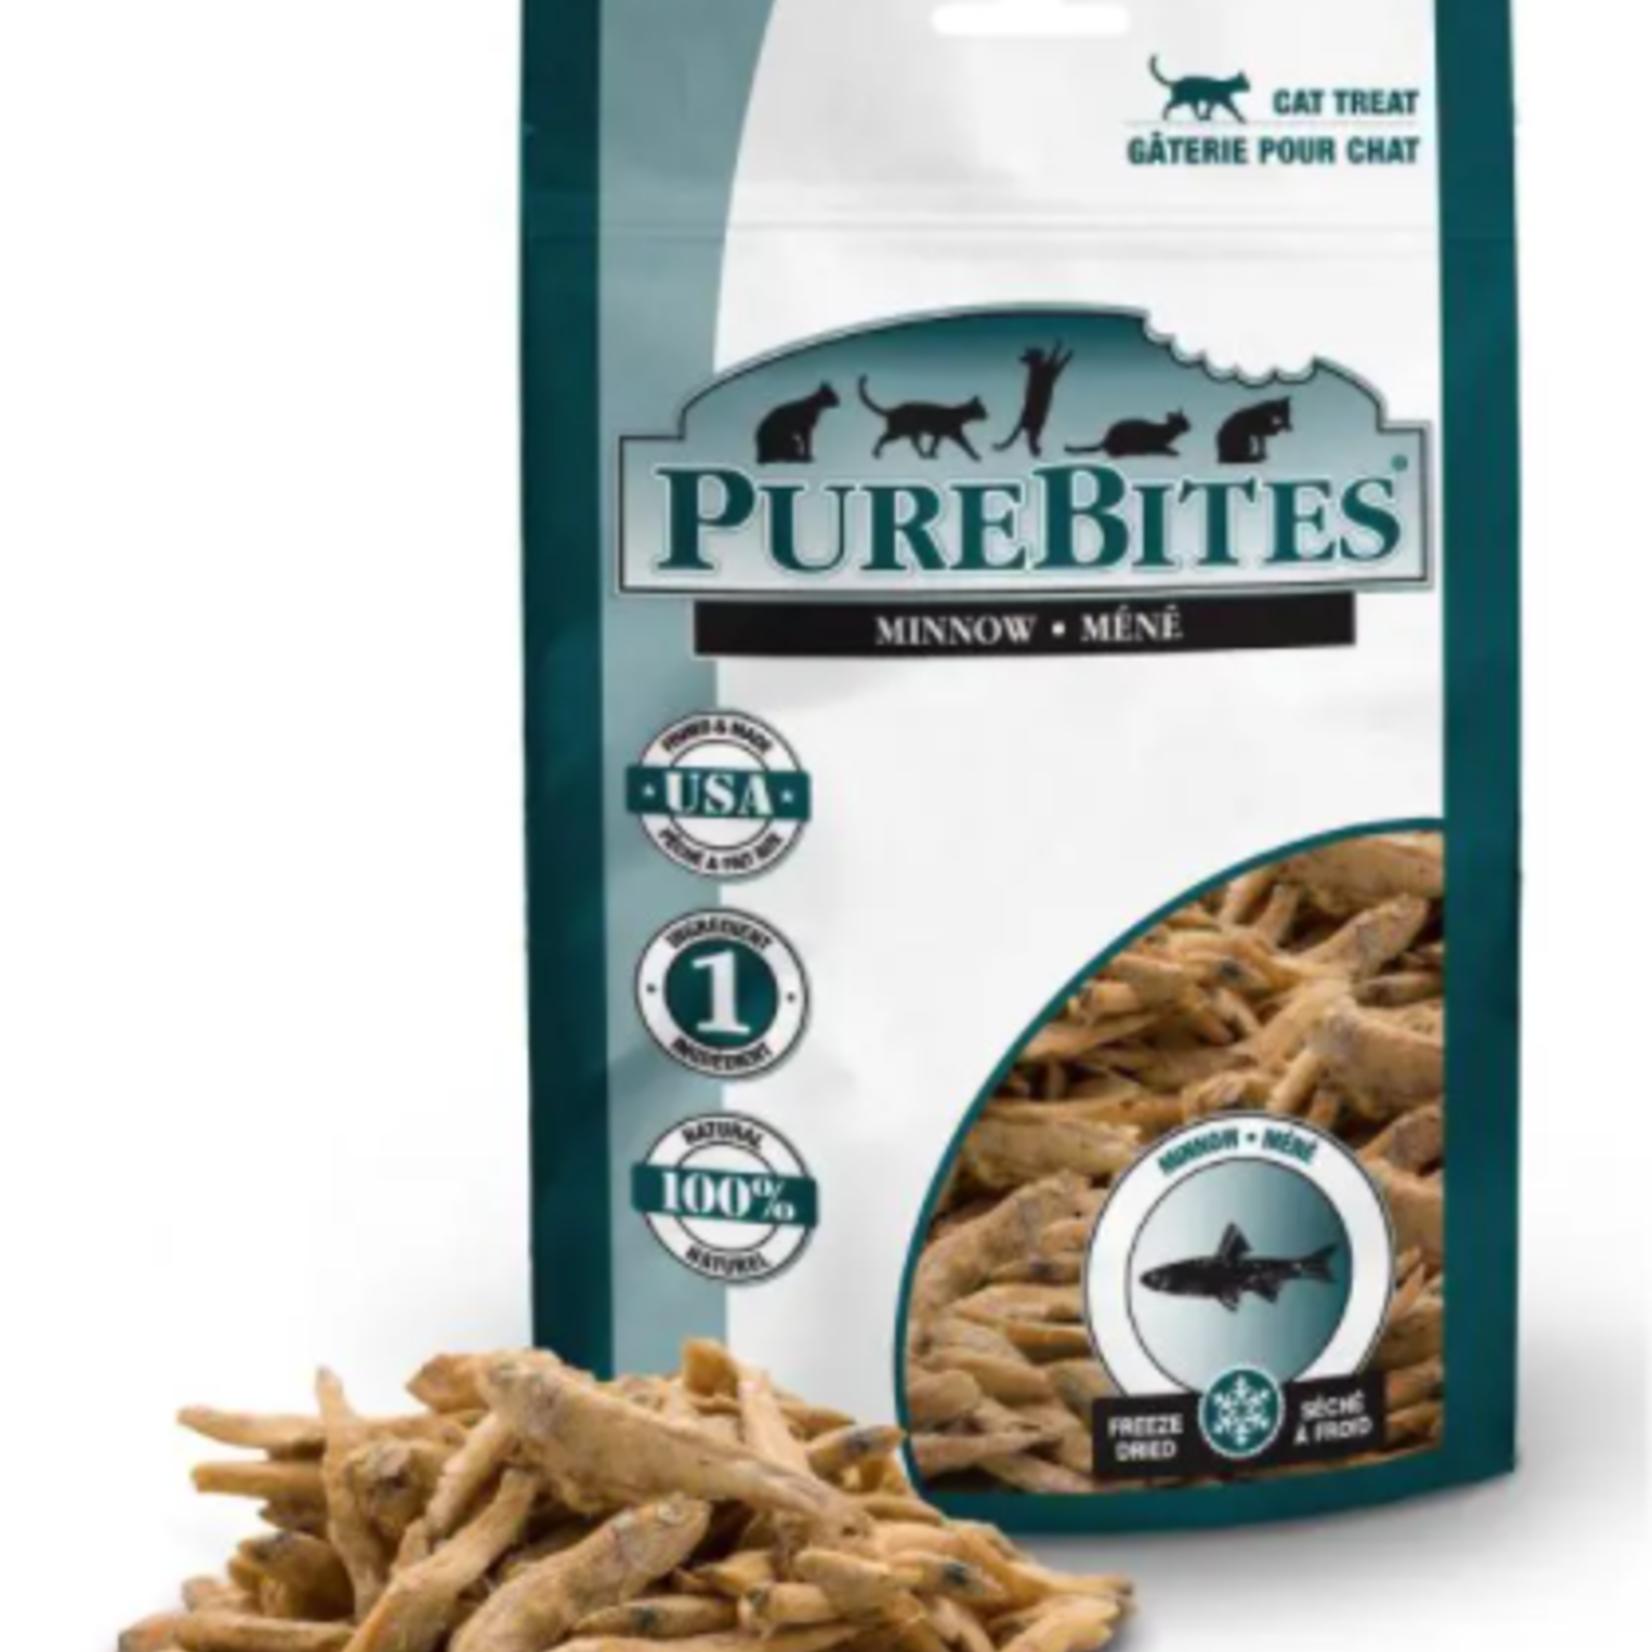 PureBites Ménés- Gâteries séchées à froid pour chat (66g)